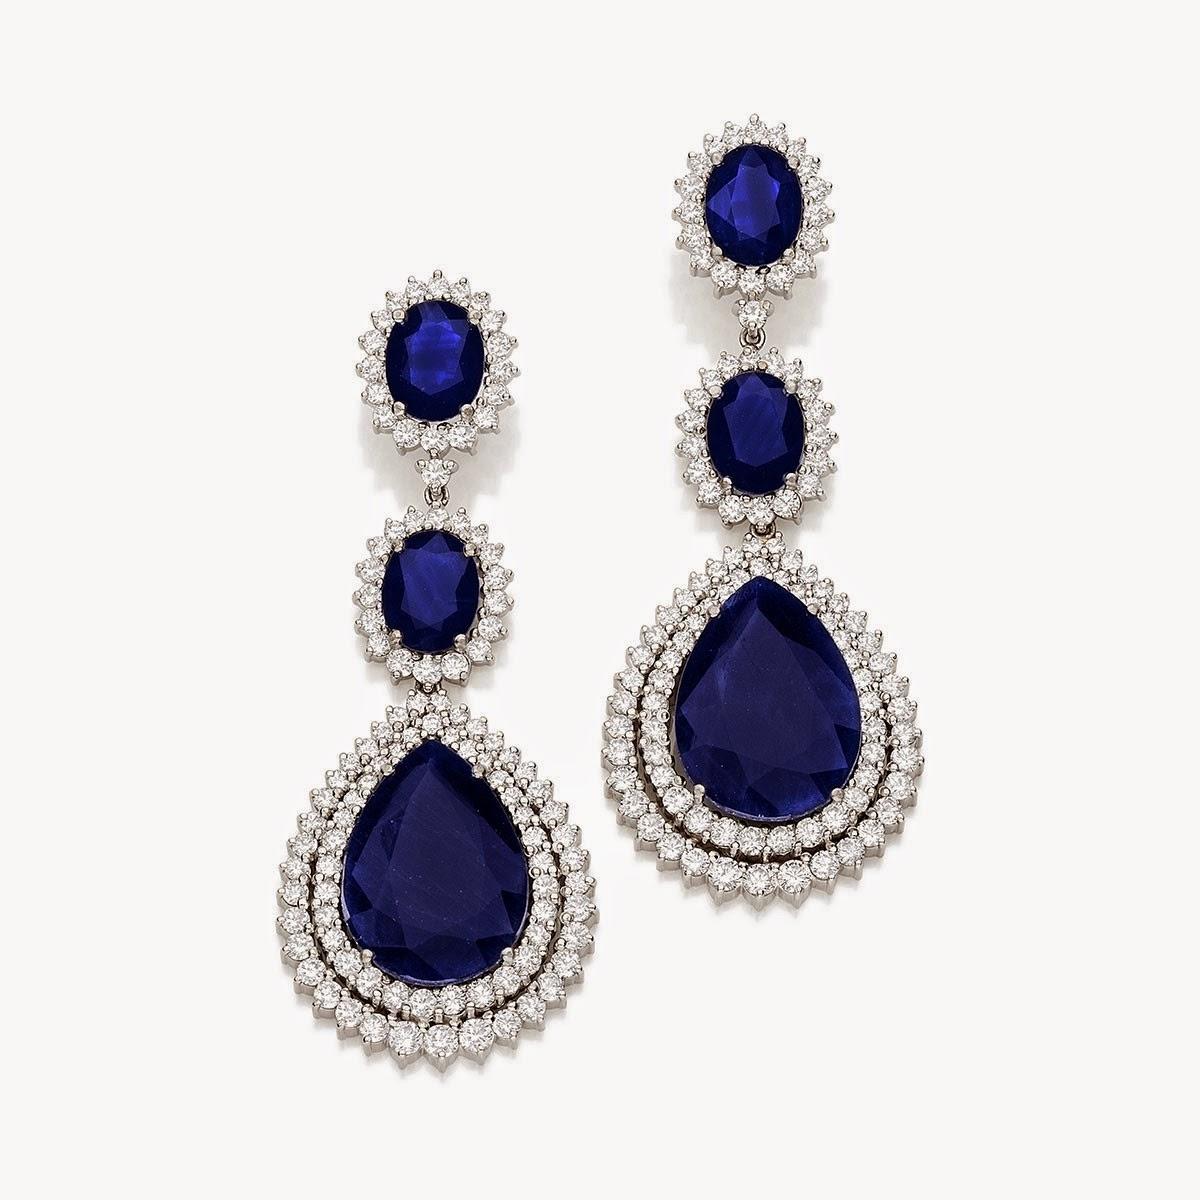 Quer uma dica  Então aqui vai. Pedras negras como ônix, ou joias banhadas  no ródio e as azuis como safiras acompanhadas de diamante branco são a nova  ... 46543b648f